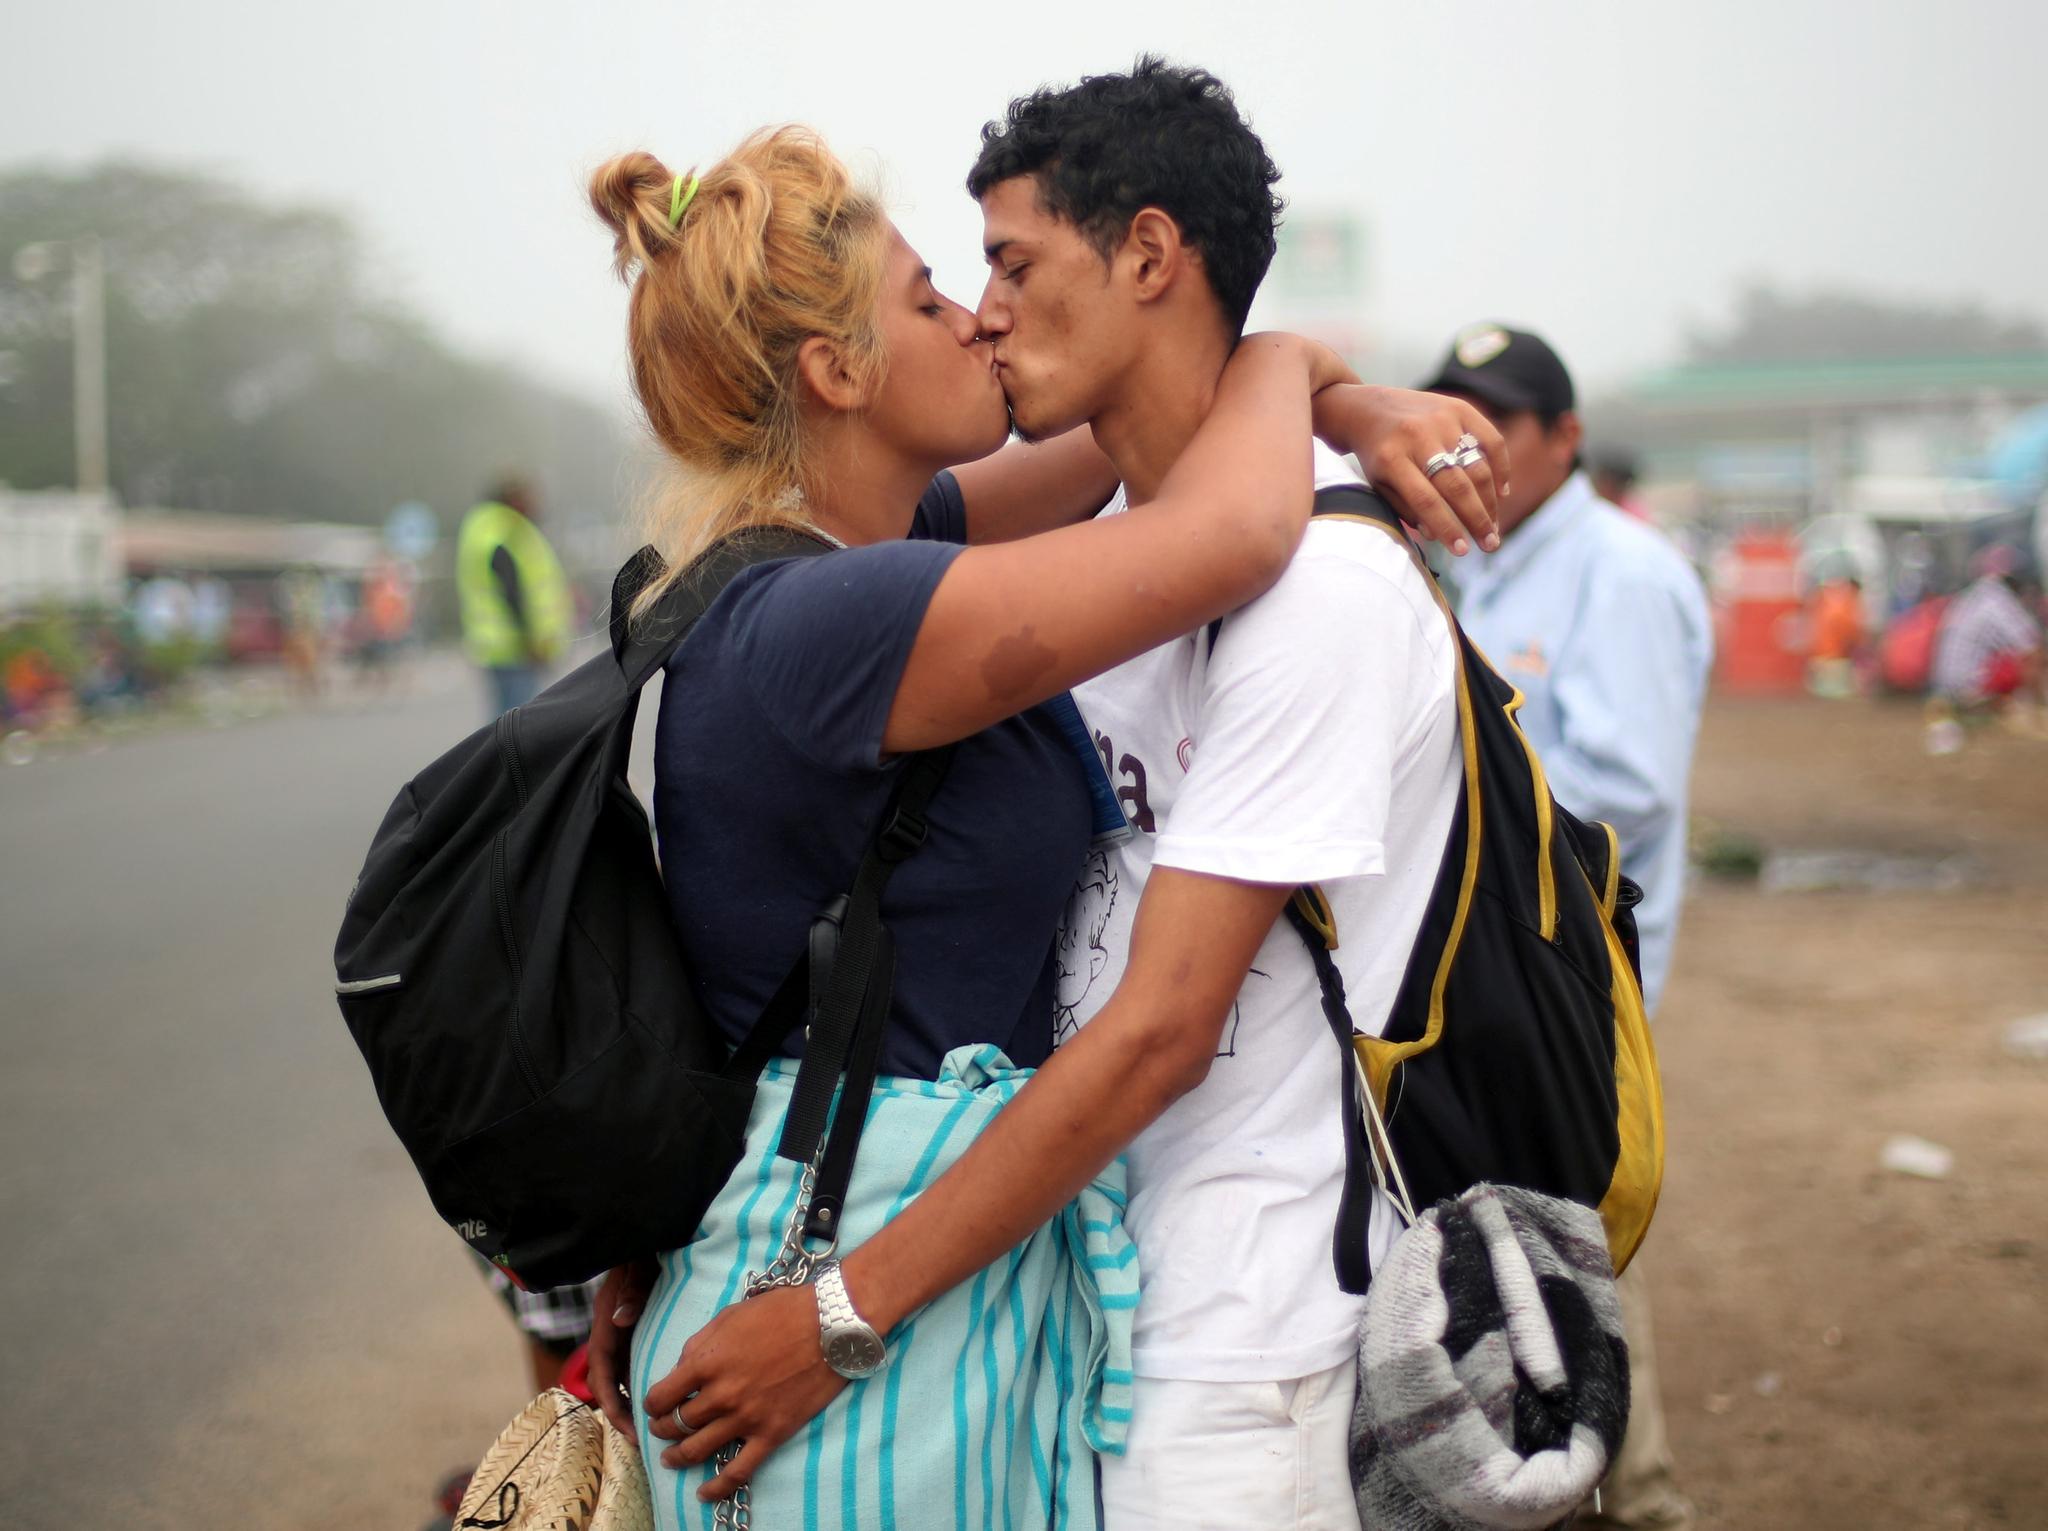 온두라스에서 온 이민자 연인이 4일(현지시간) 멕시코 이스라에 도착해 입맞춤하고 있다. [로이터=연합뉴스]